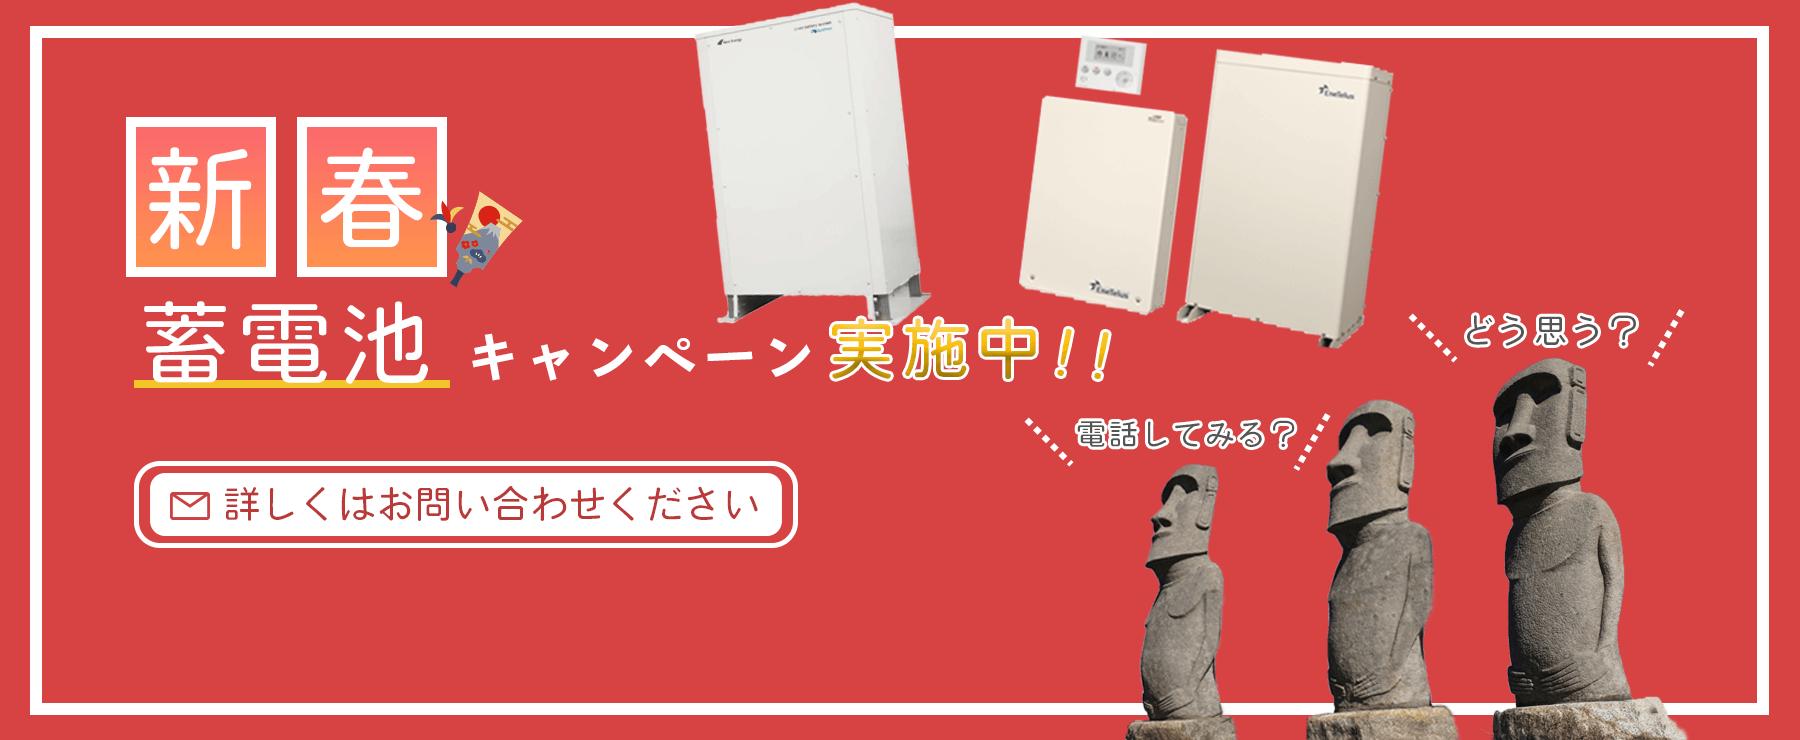 新春蓄電池キャンペーン実施中!!